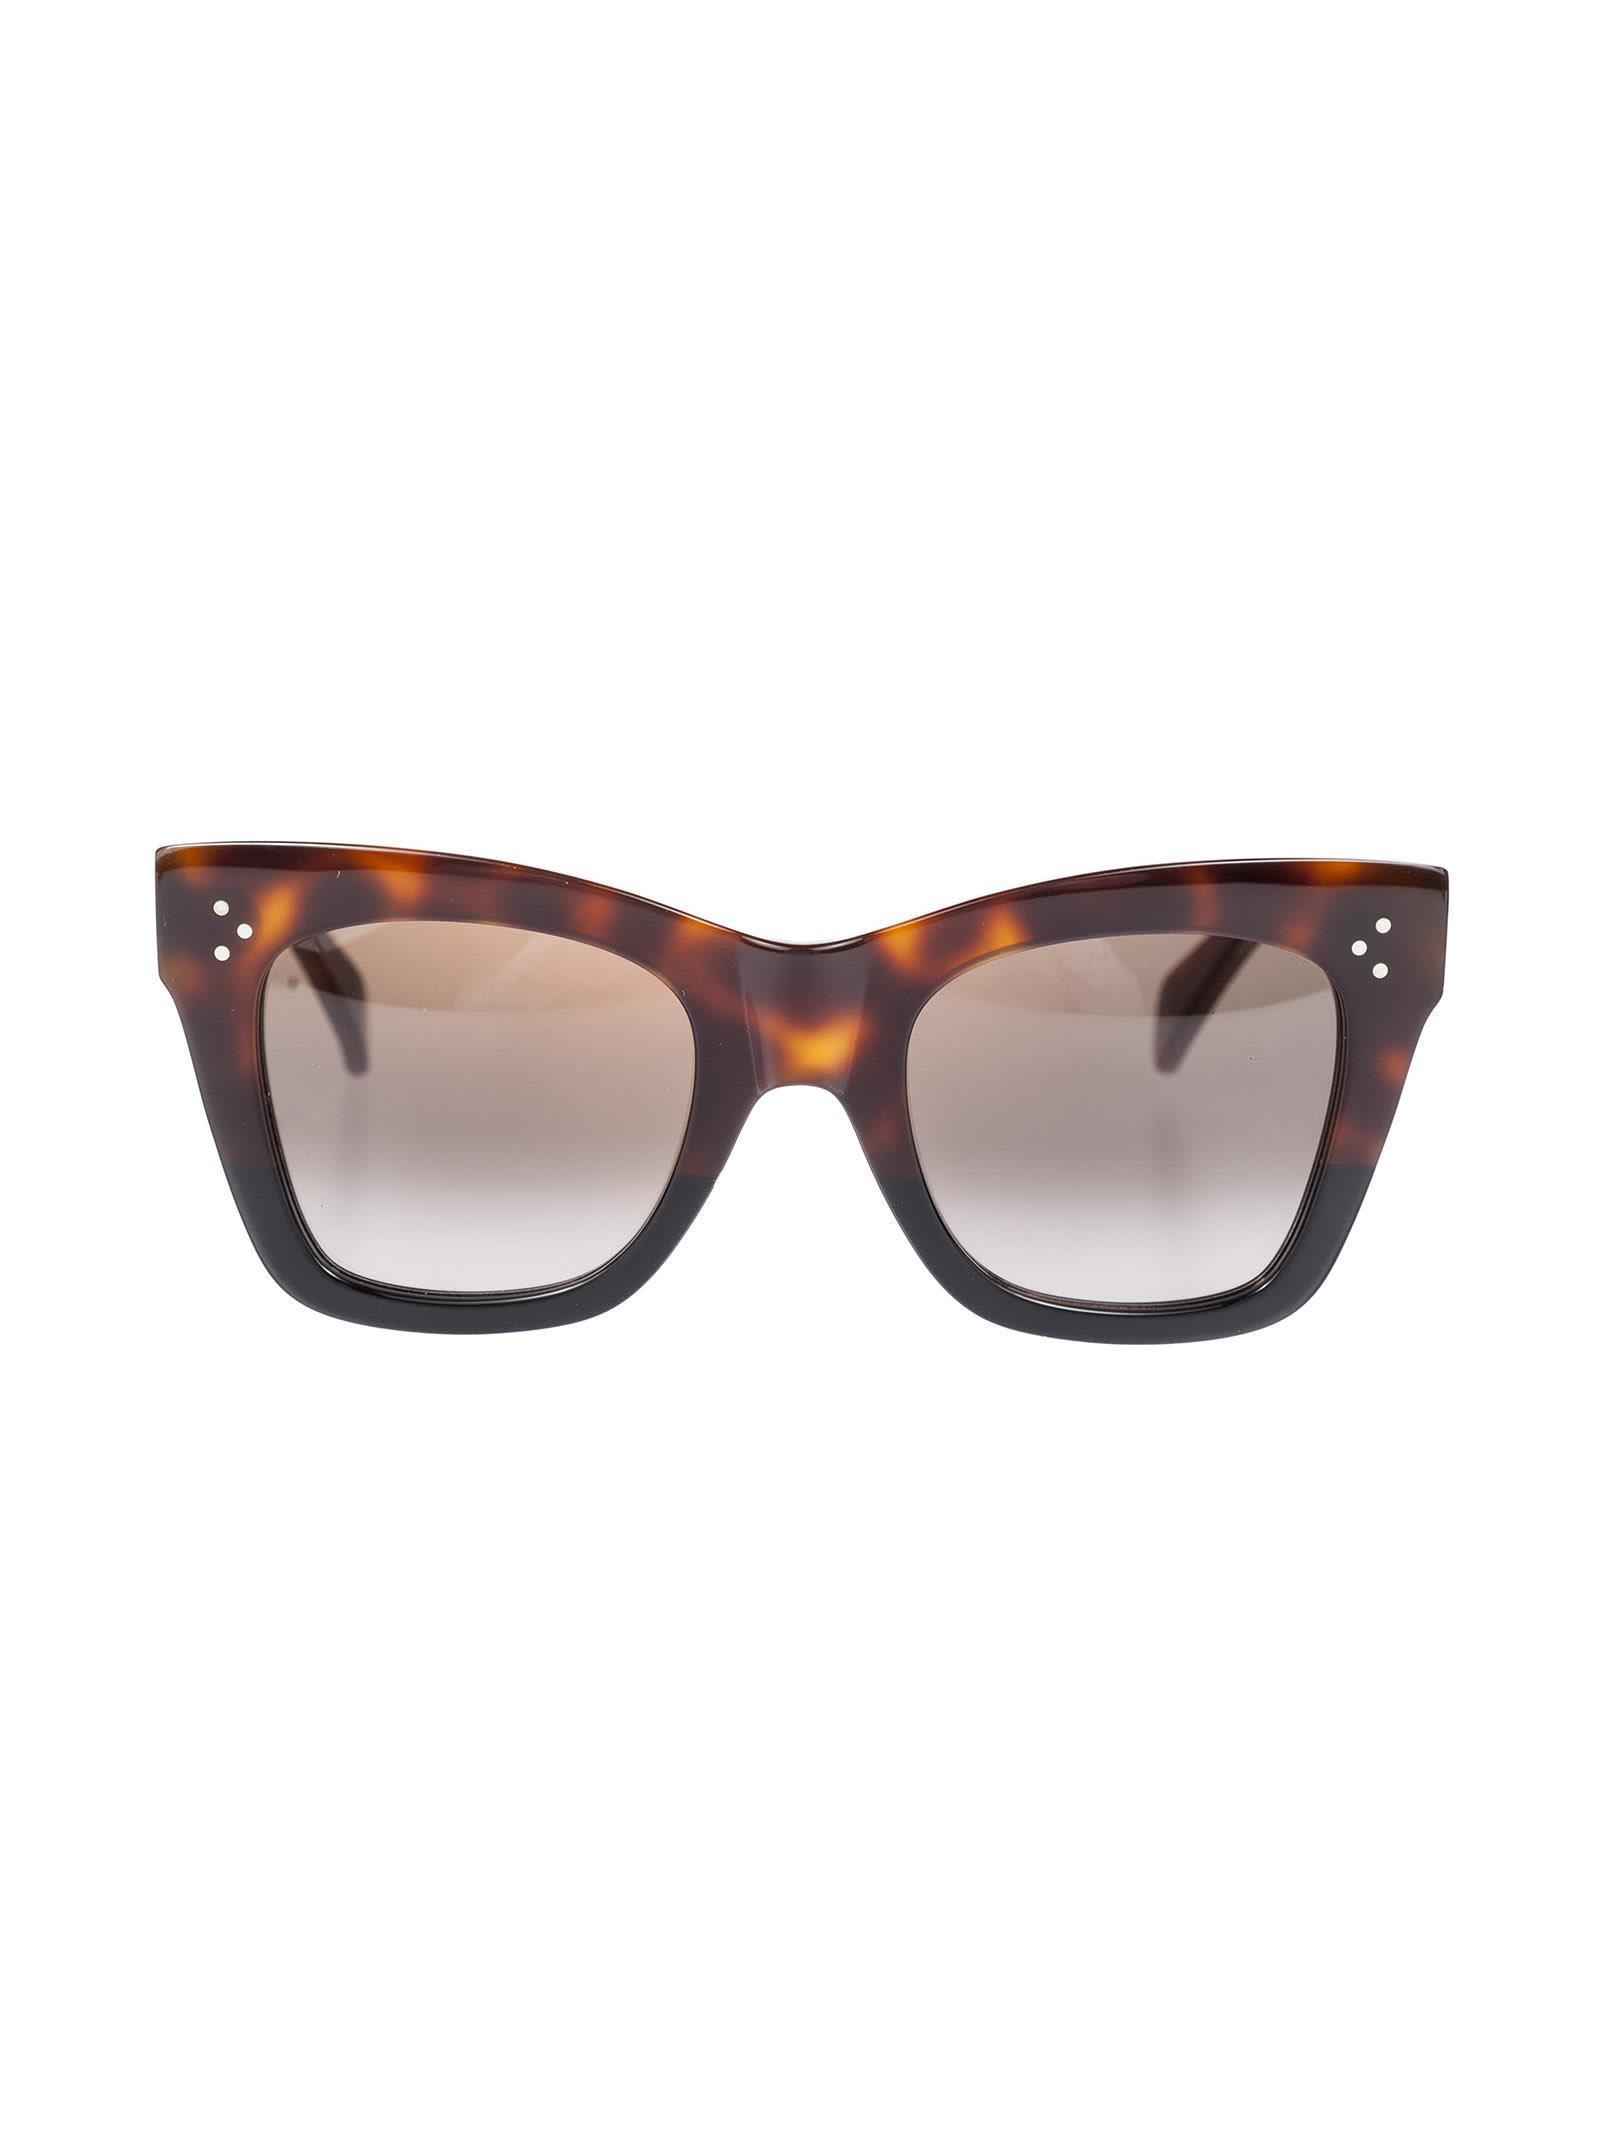 1f31676c424 Celine Catherine Sunglasses In Havana-Black